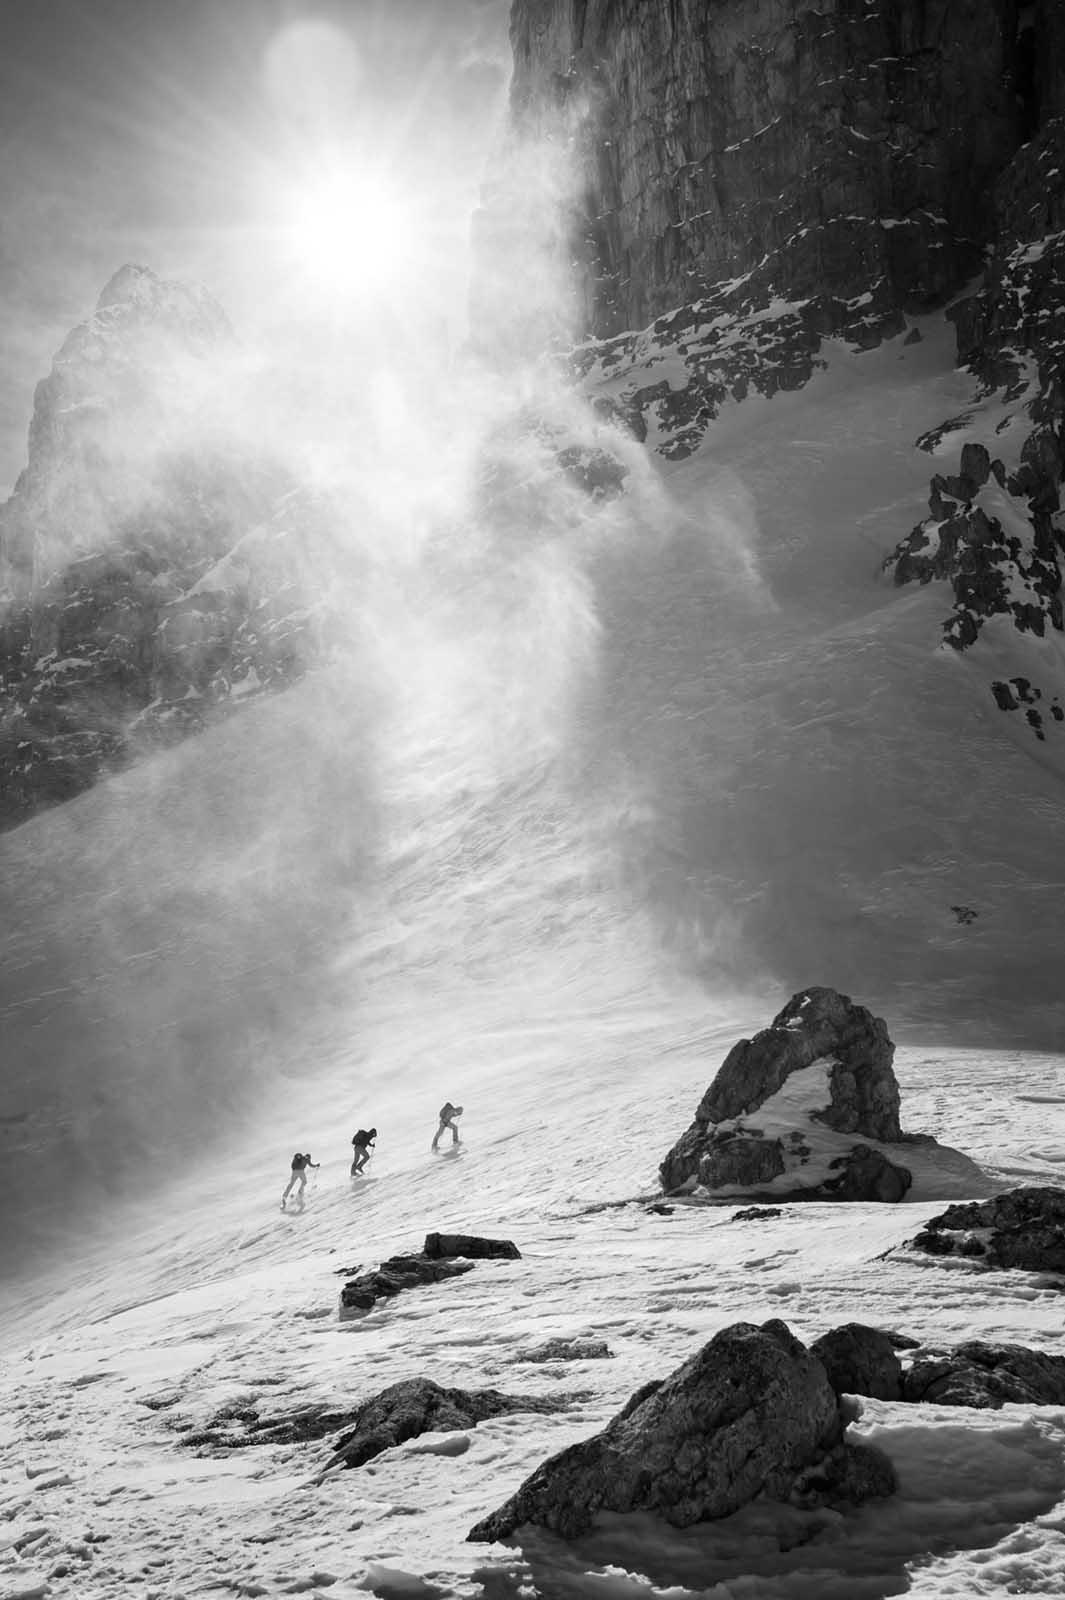 Sportfotografie-Wintersport-Ski-Skitour-Gruppe-Aufstieg-Schneesturm-Sonne-schwarz-weiss-Sella Stock-Südtirol